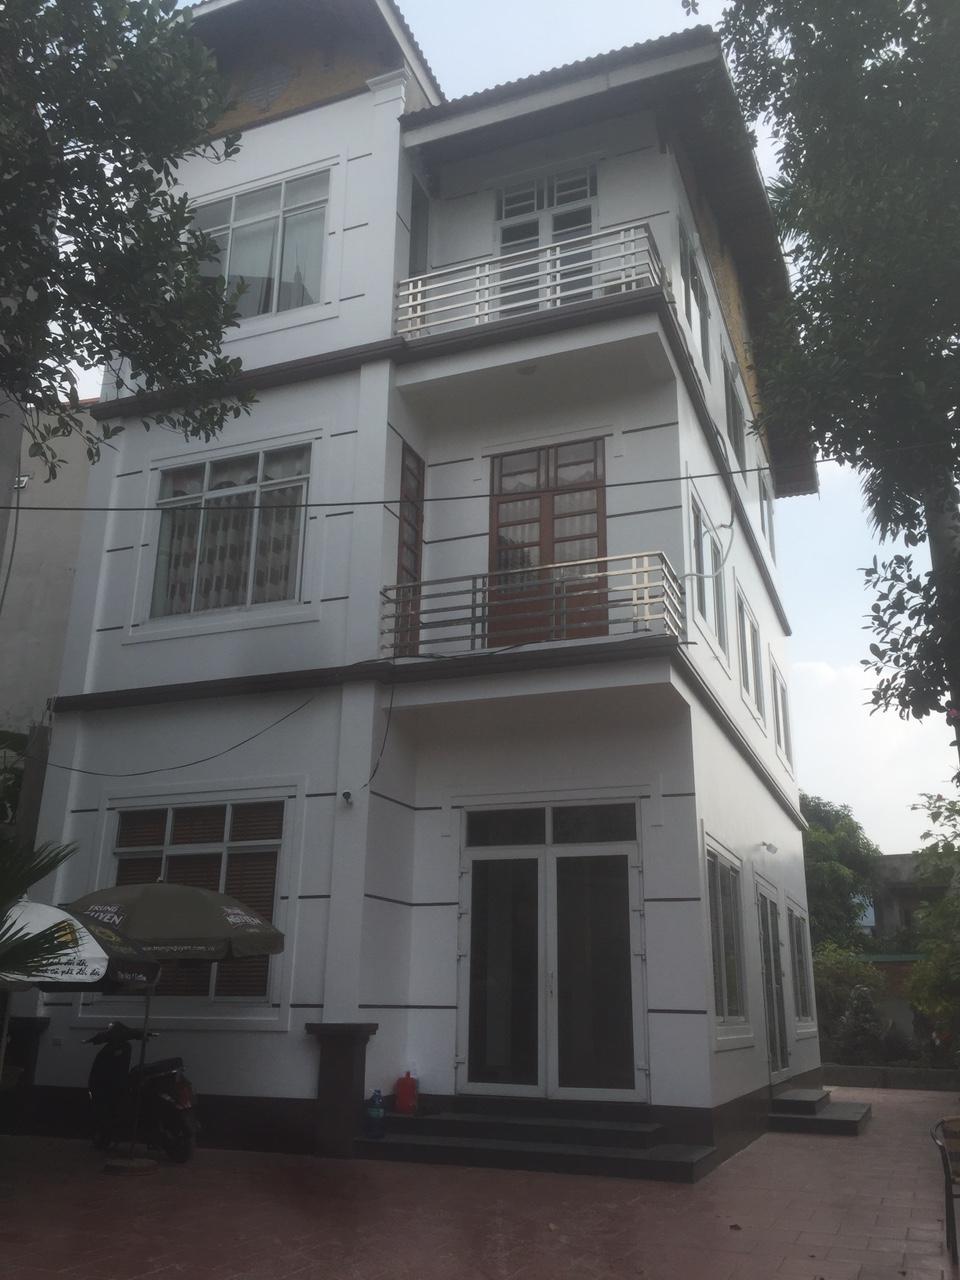 Bán nhà 3 tầng Tôn Đức Thắng. LH 0969 513 000